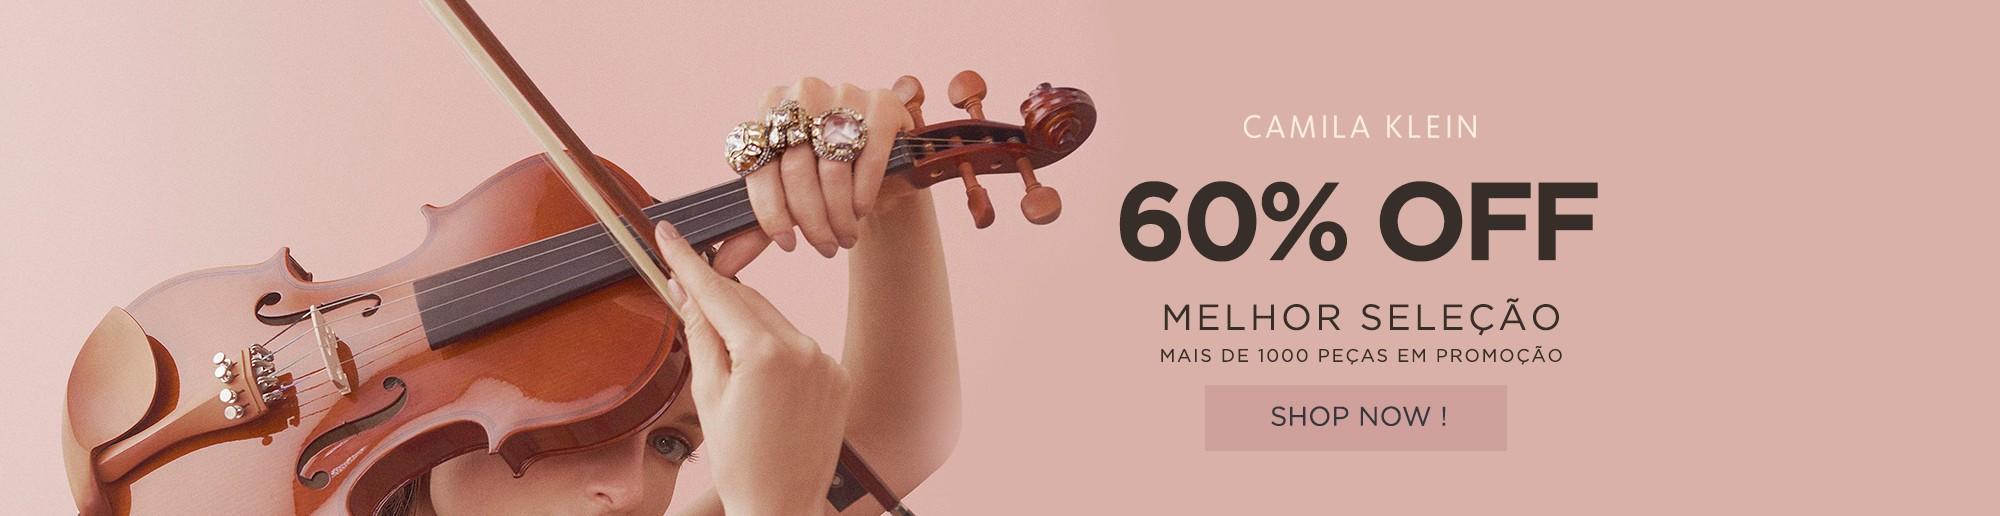 CAMILA KLEIN COM 60% OFF + FRETE GRÁTIS